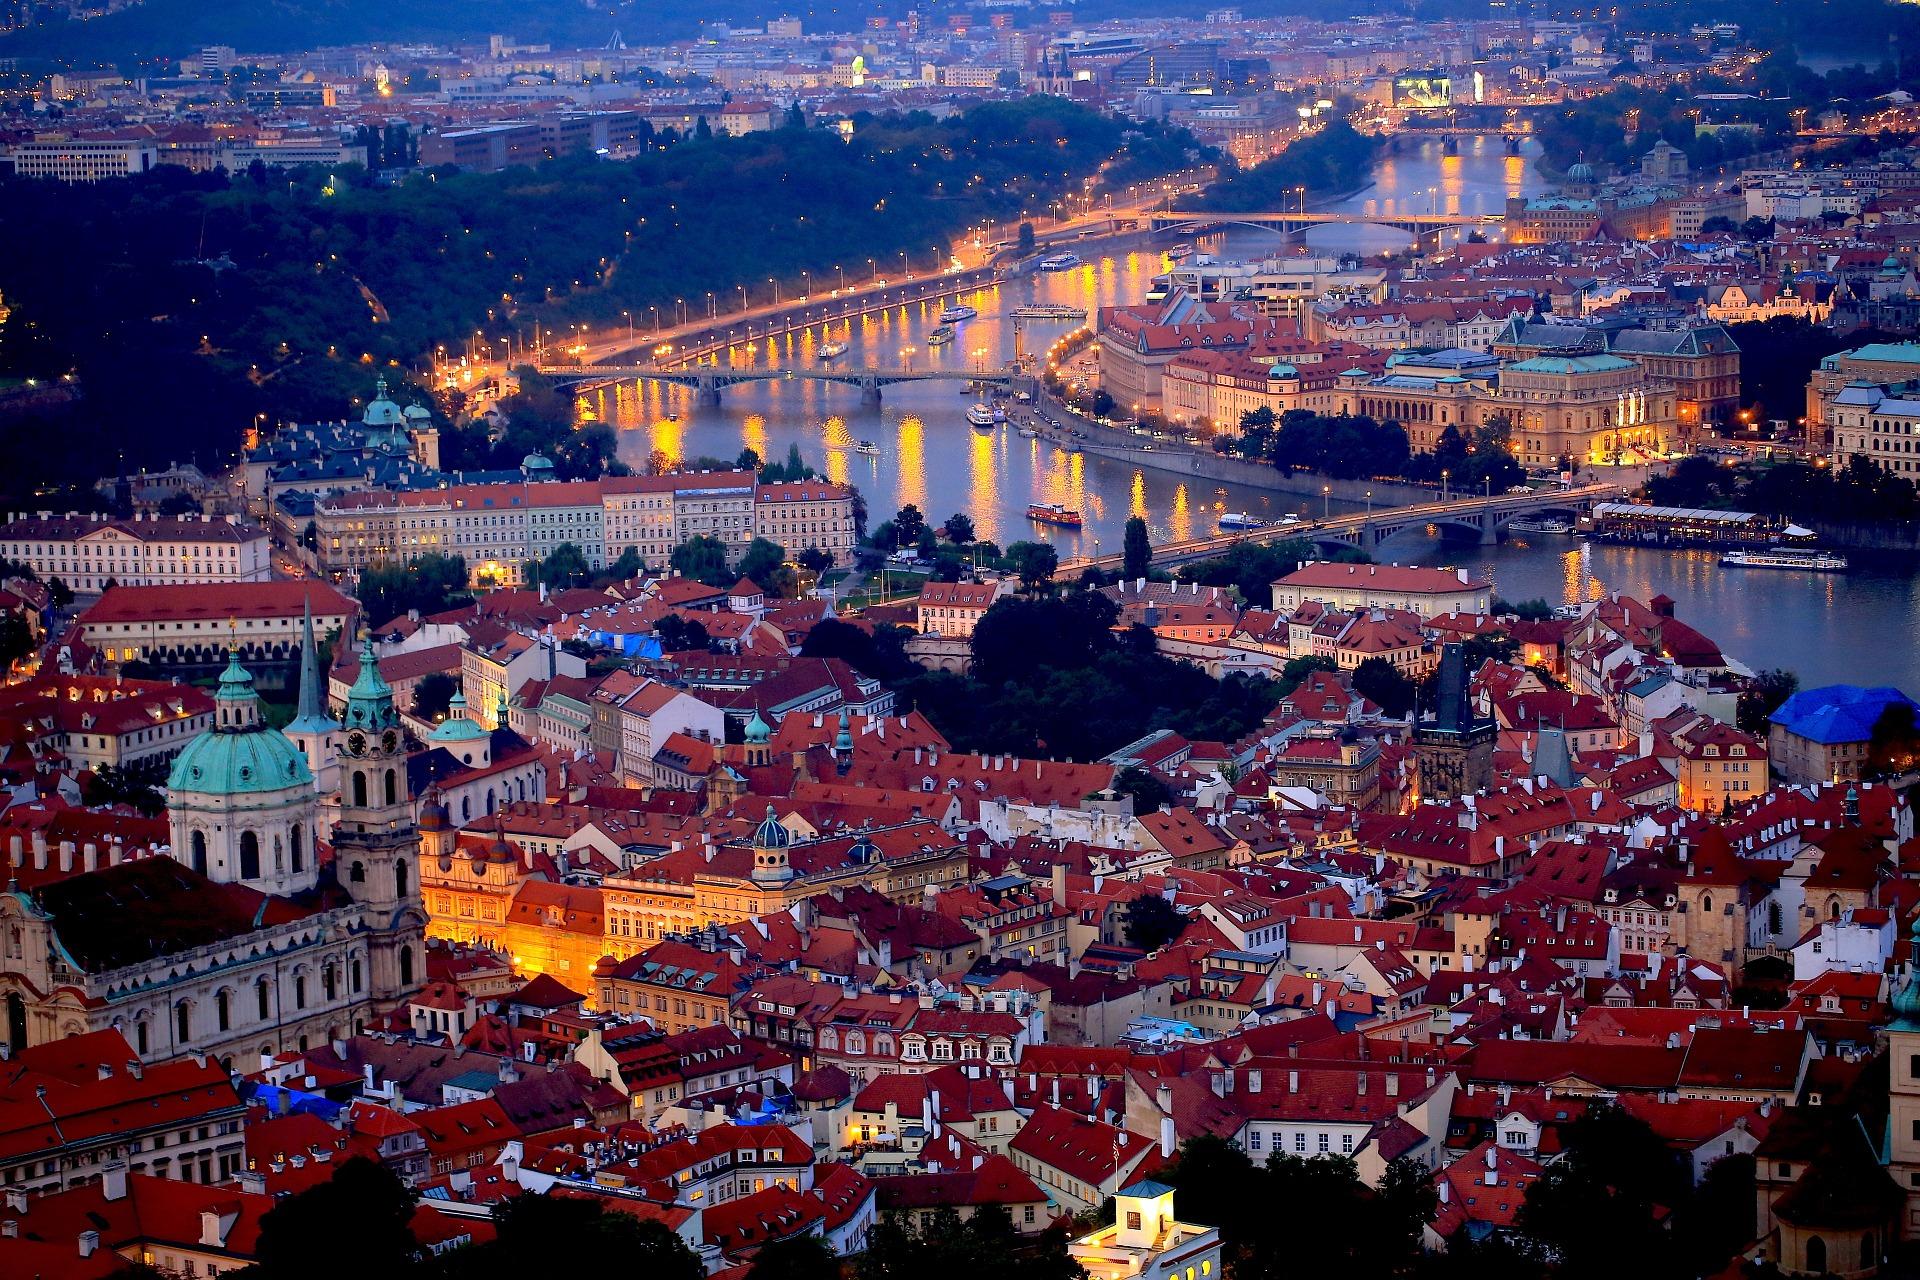 Prague Arial View at night